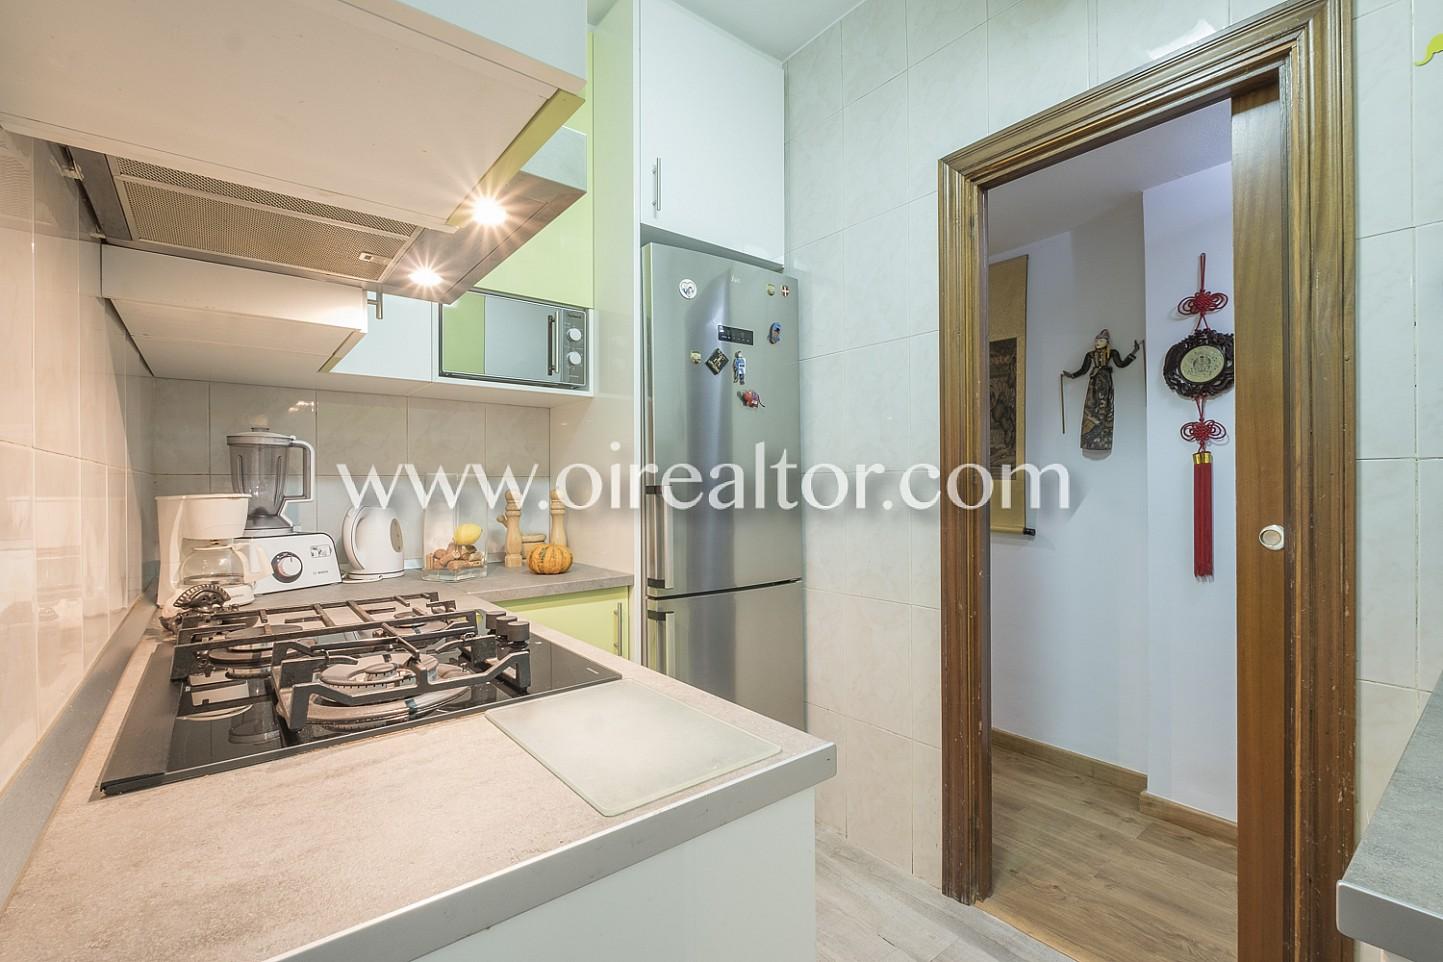 cocina, cocina equipada, electrodomésticos, campana extractora, cocina de gas